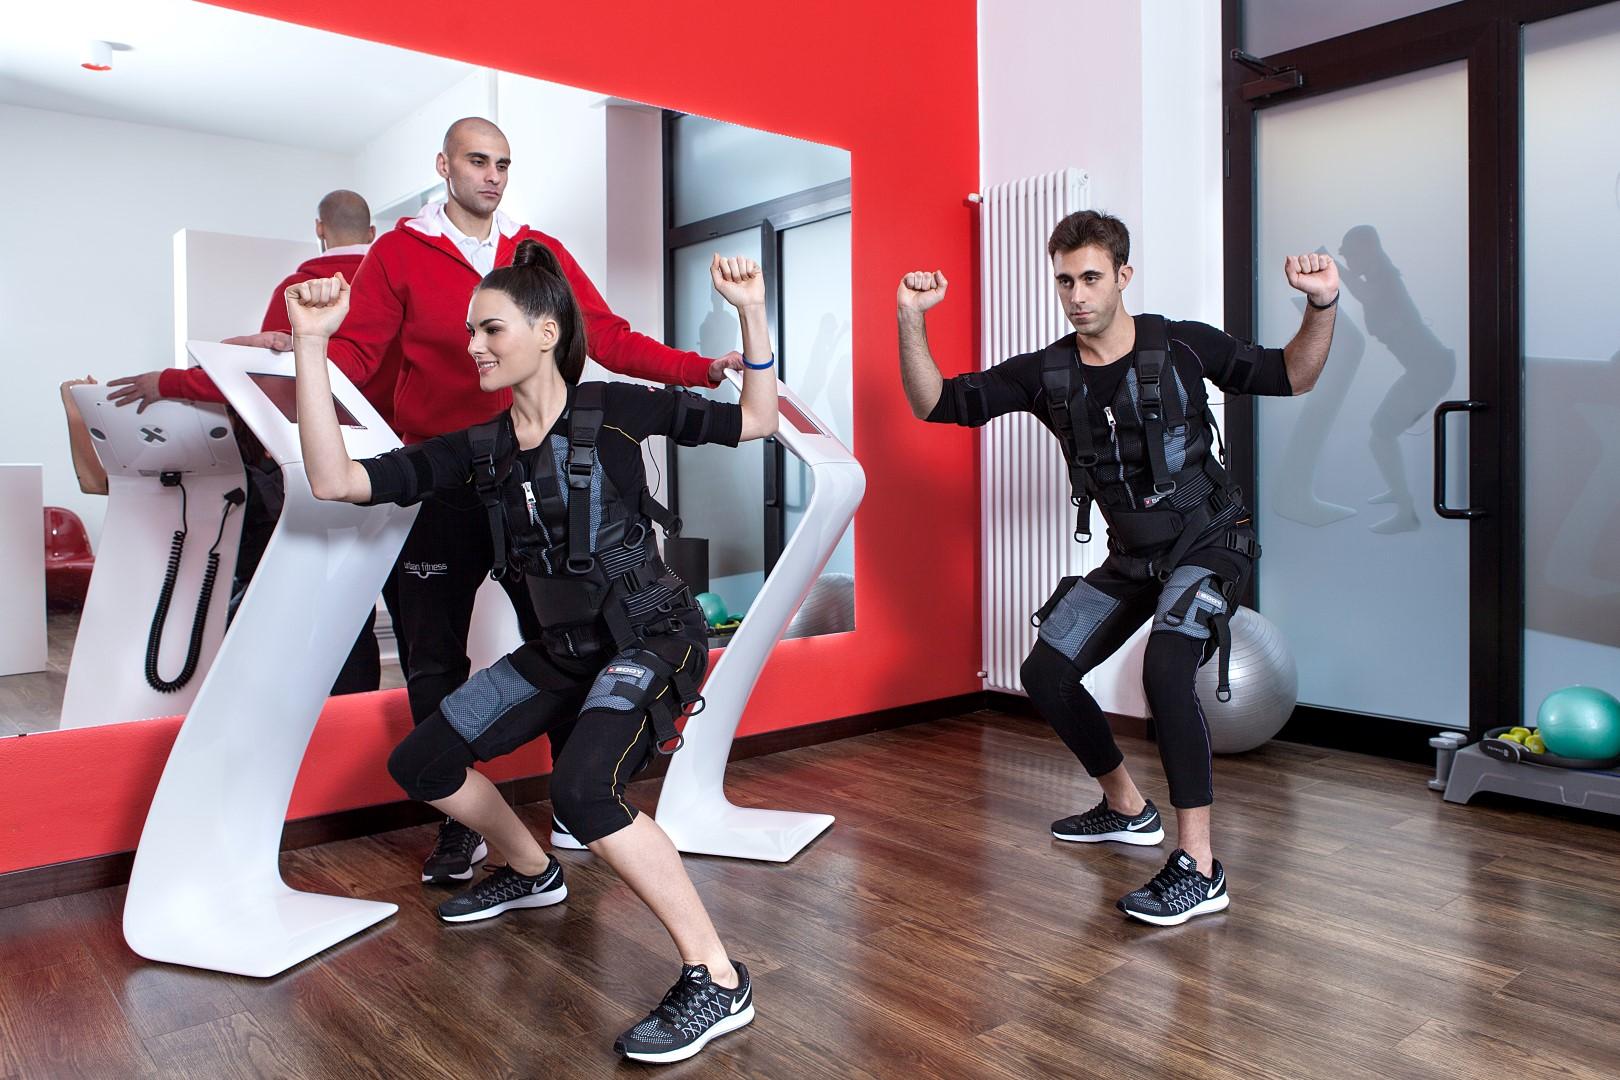 Dimagrire con Urban Fitness: 20 minuti come 2 ore di sport